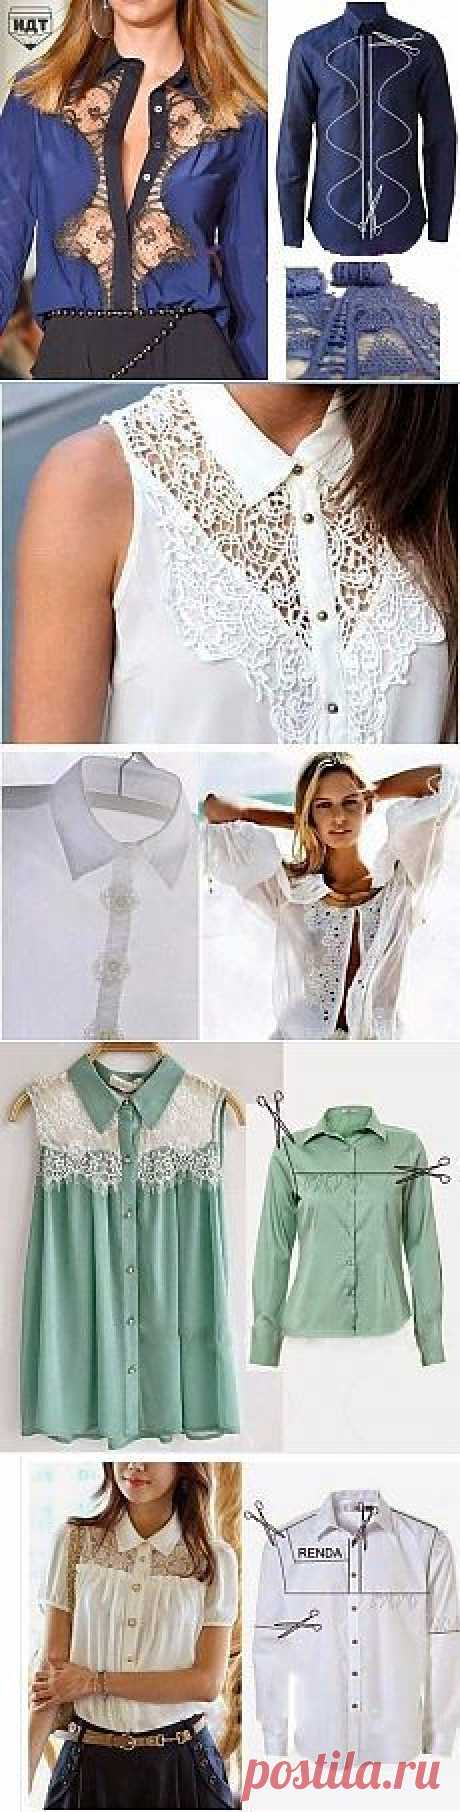 Переделка мужских рубашек в женственные блузы | Умелые ручки | Переделка